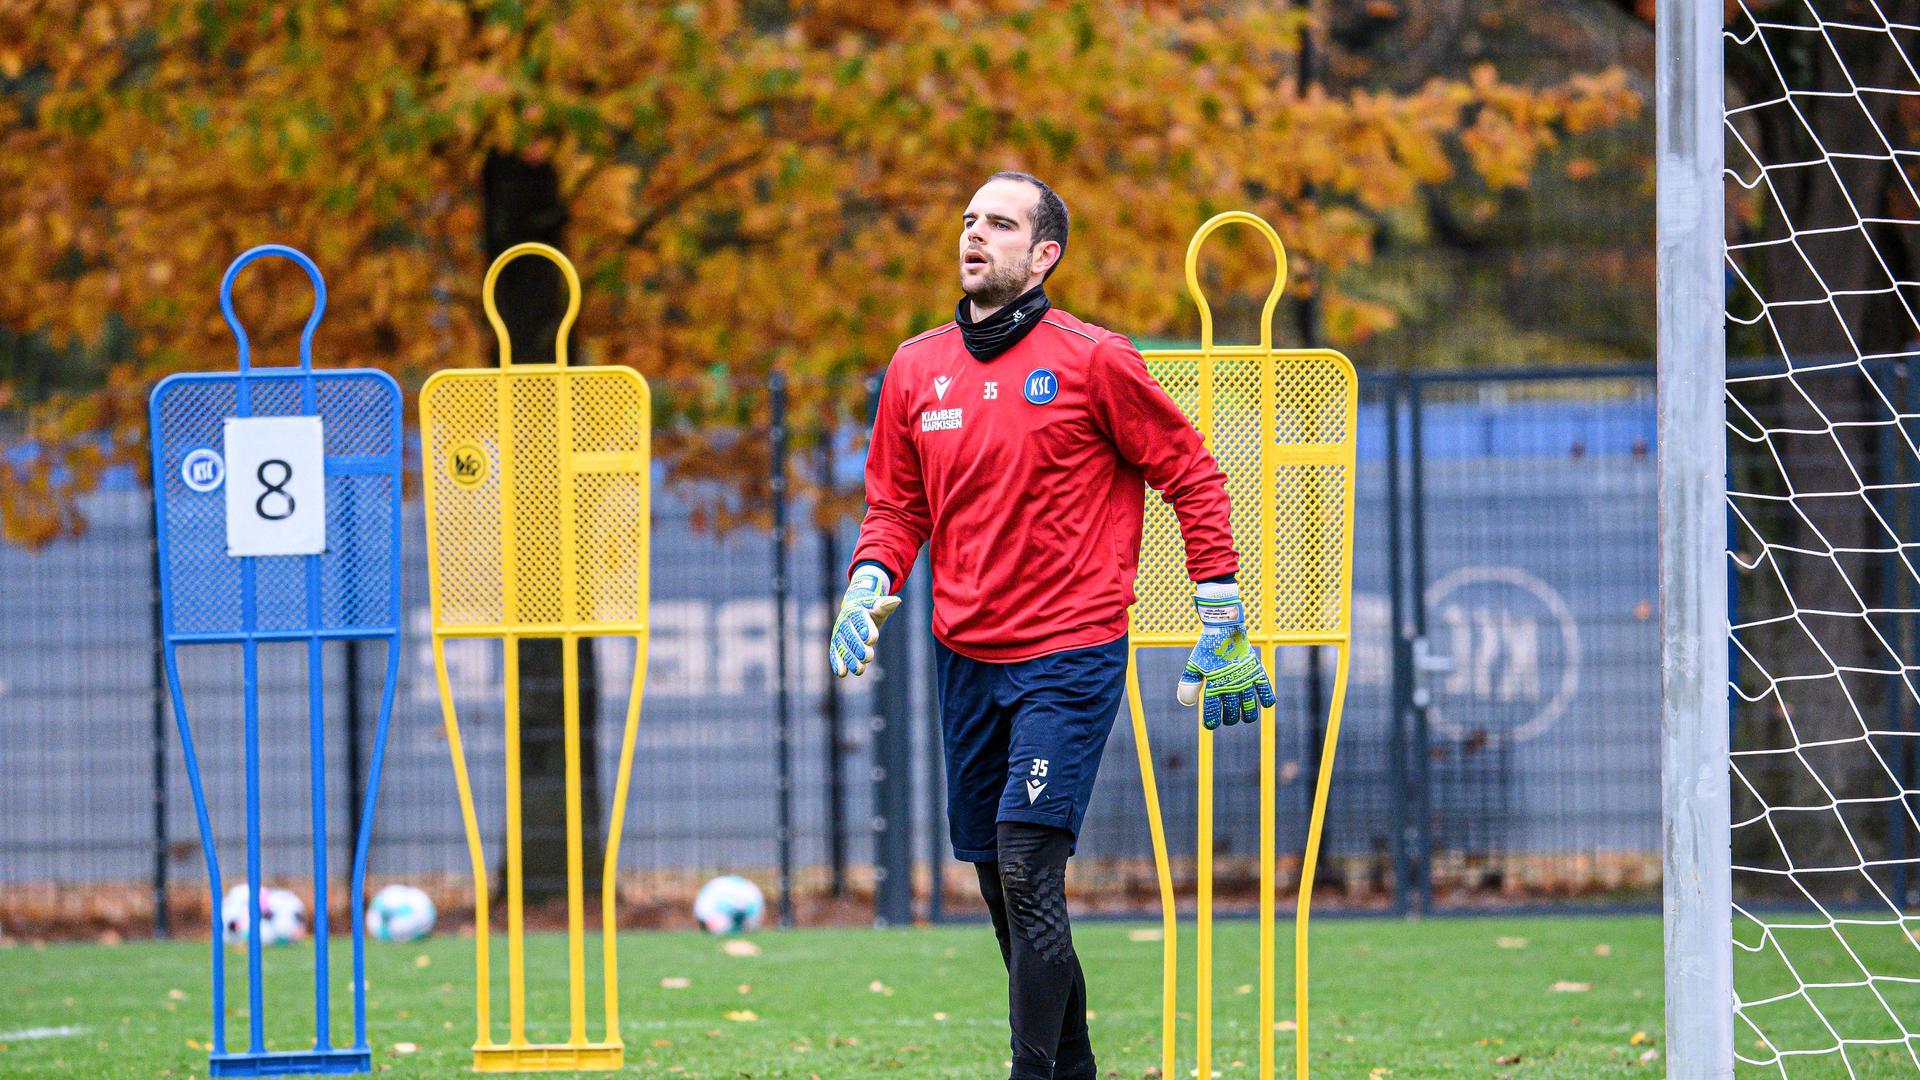 Torwart Marius Gersbeck (KSC) musste verletzungsbedingt das Training abbrechen.  GES/ Fussball/ 2. Bundesliga: Karlsruher SC - Training,  29.10.2020  Football/Soccer: 2. Bundesliga:  KSC Trainingsession, Karlsruhe, October 29, 2020